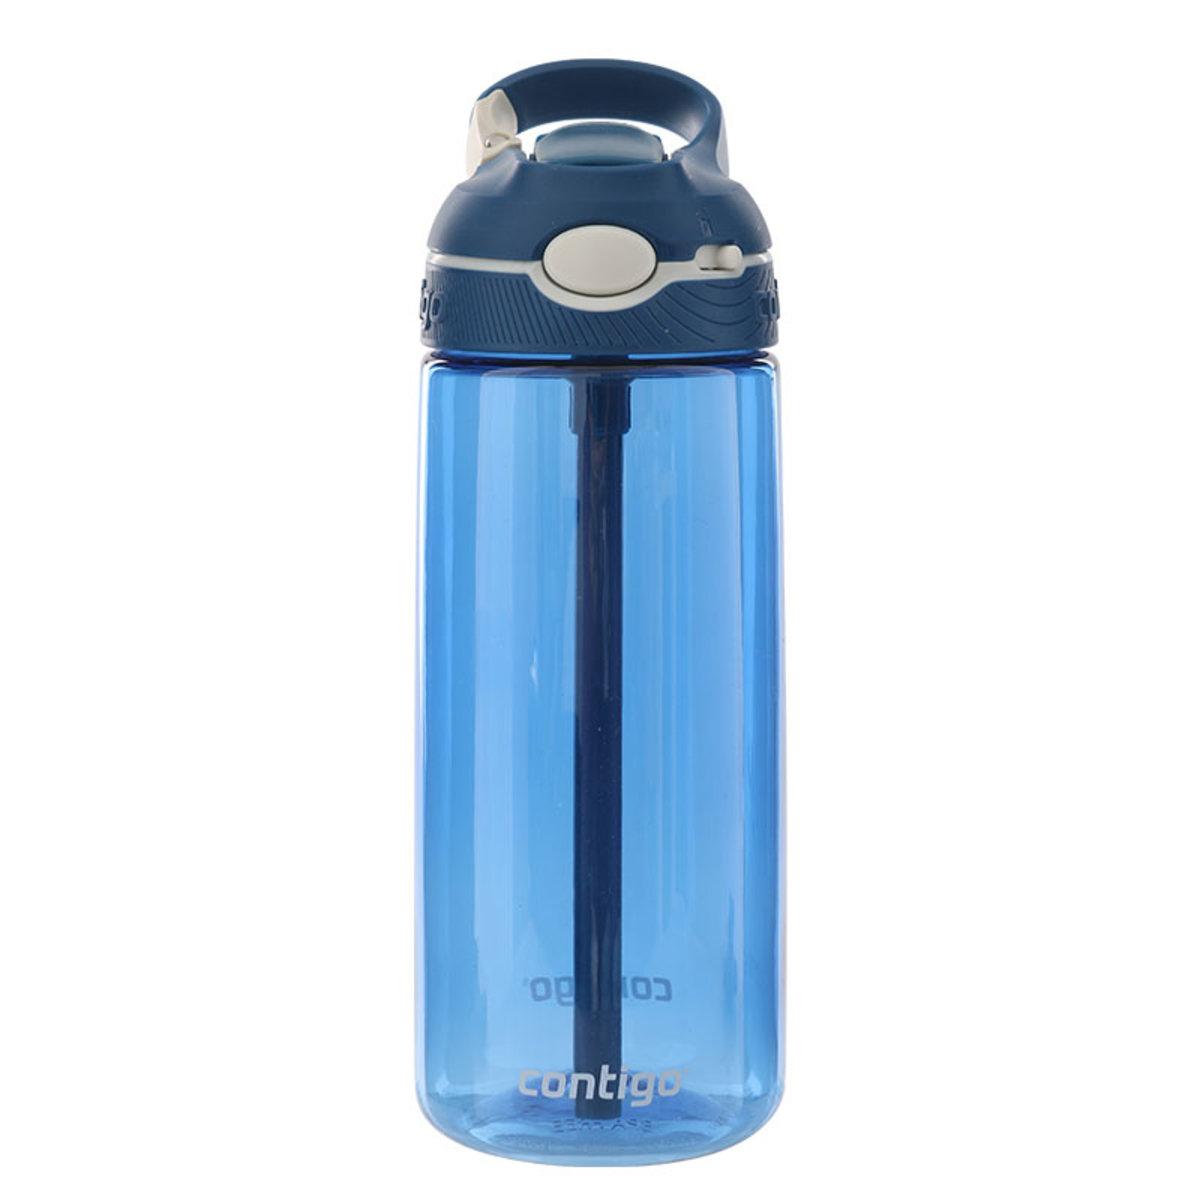 愛西蘭鎖扣吸管杯 (Tritan) 20oz (590ml) - 摩洛哥藍色